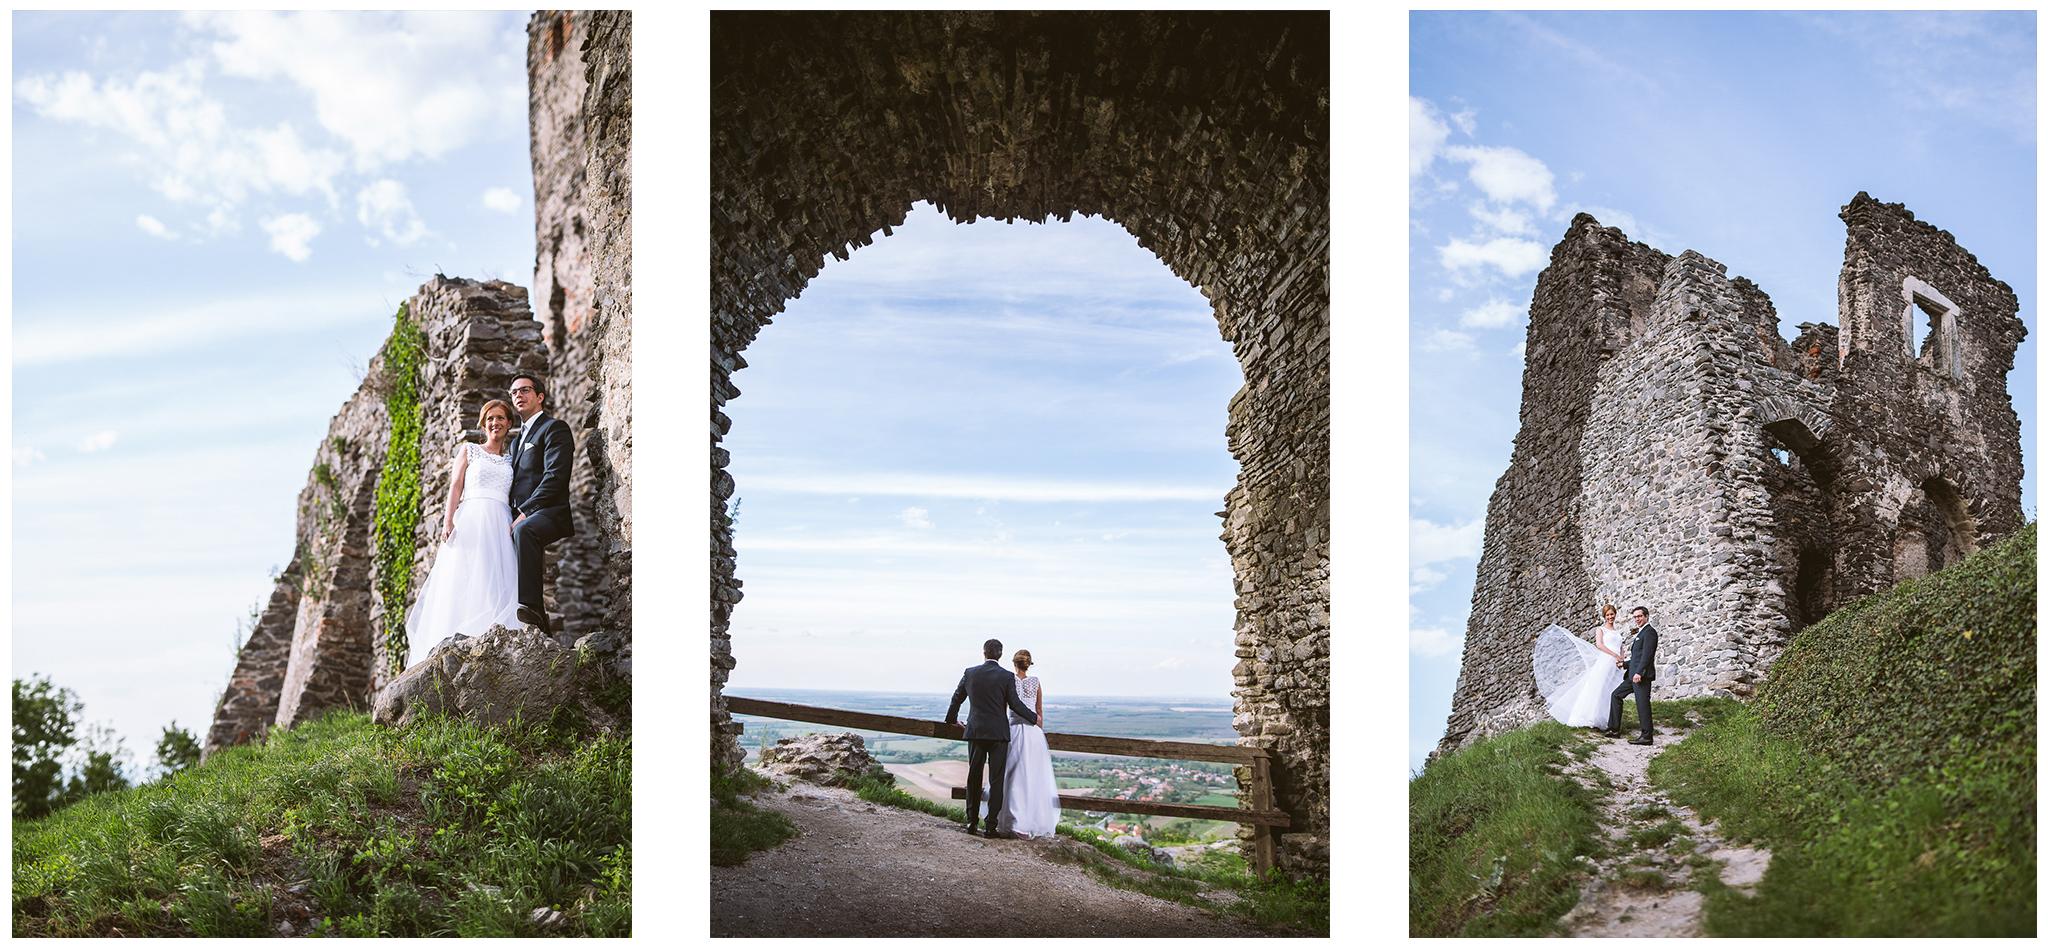 FylepPhoto, esküvőfotós, esküvői fotós Körmend, Szombathely, esküvőfotózás, magyarország, vas megye, prémium, jegyesfotózás, Fülöp Péter, körmend, kreatív, fotográfus_2.jpg